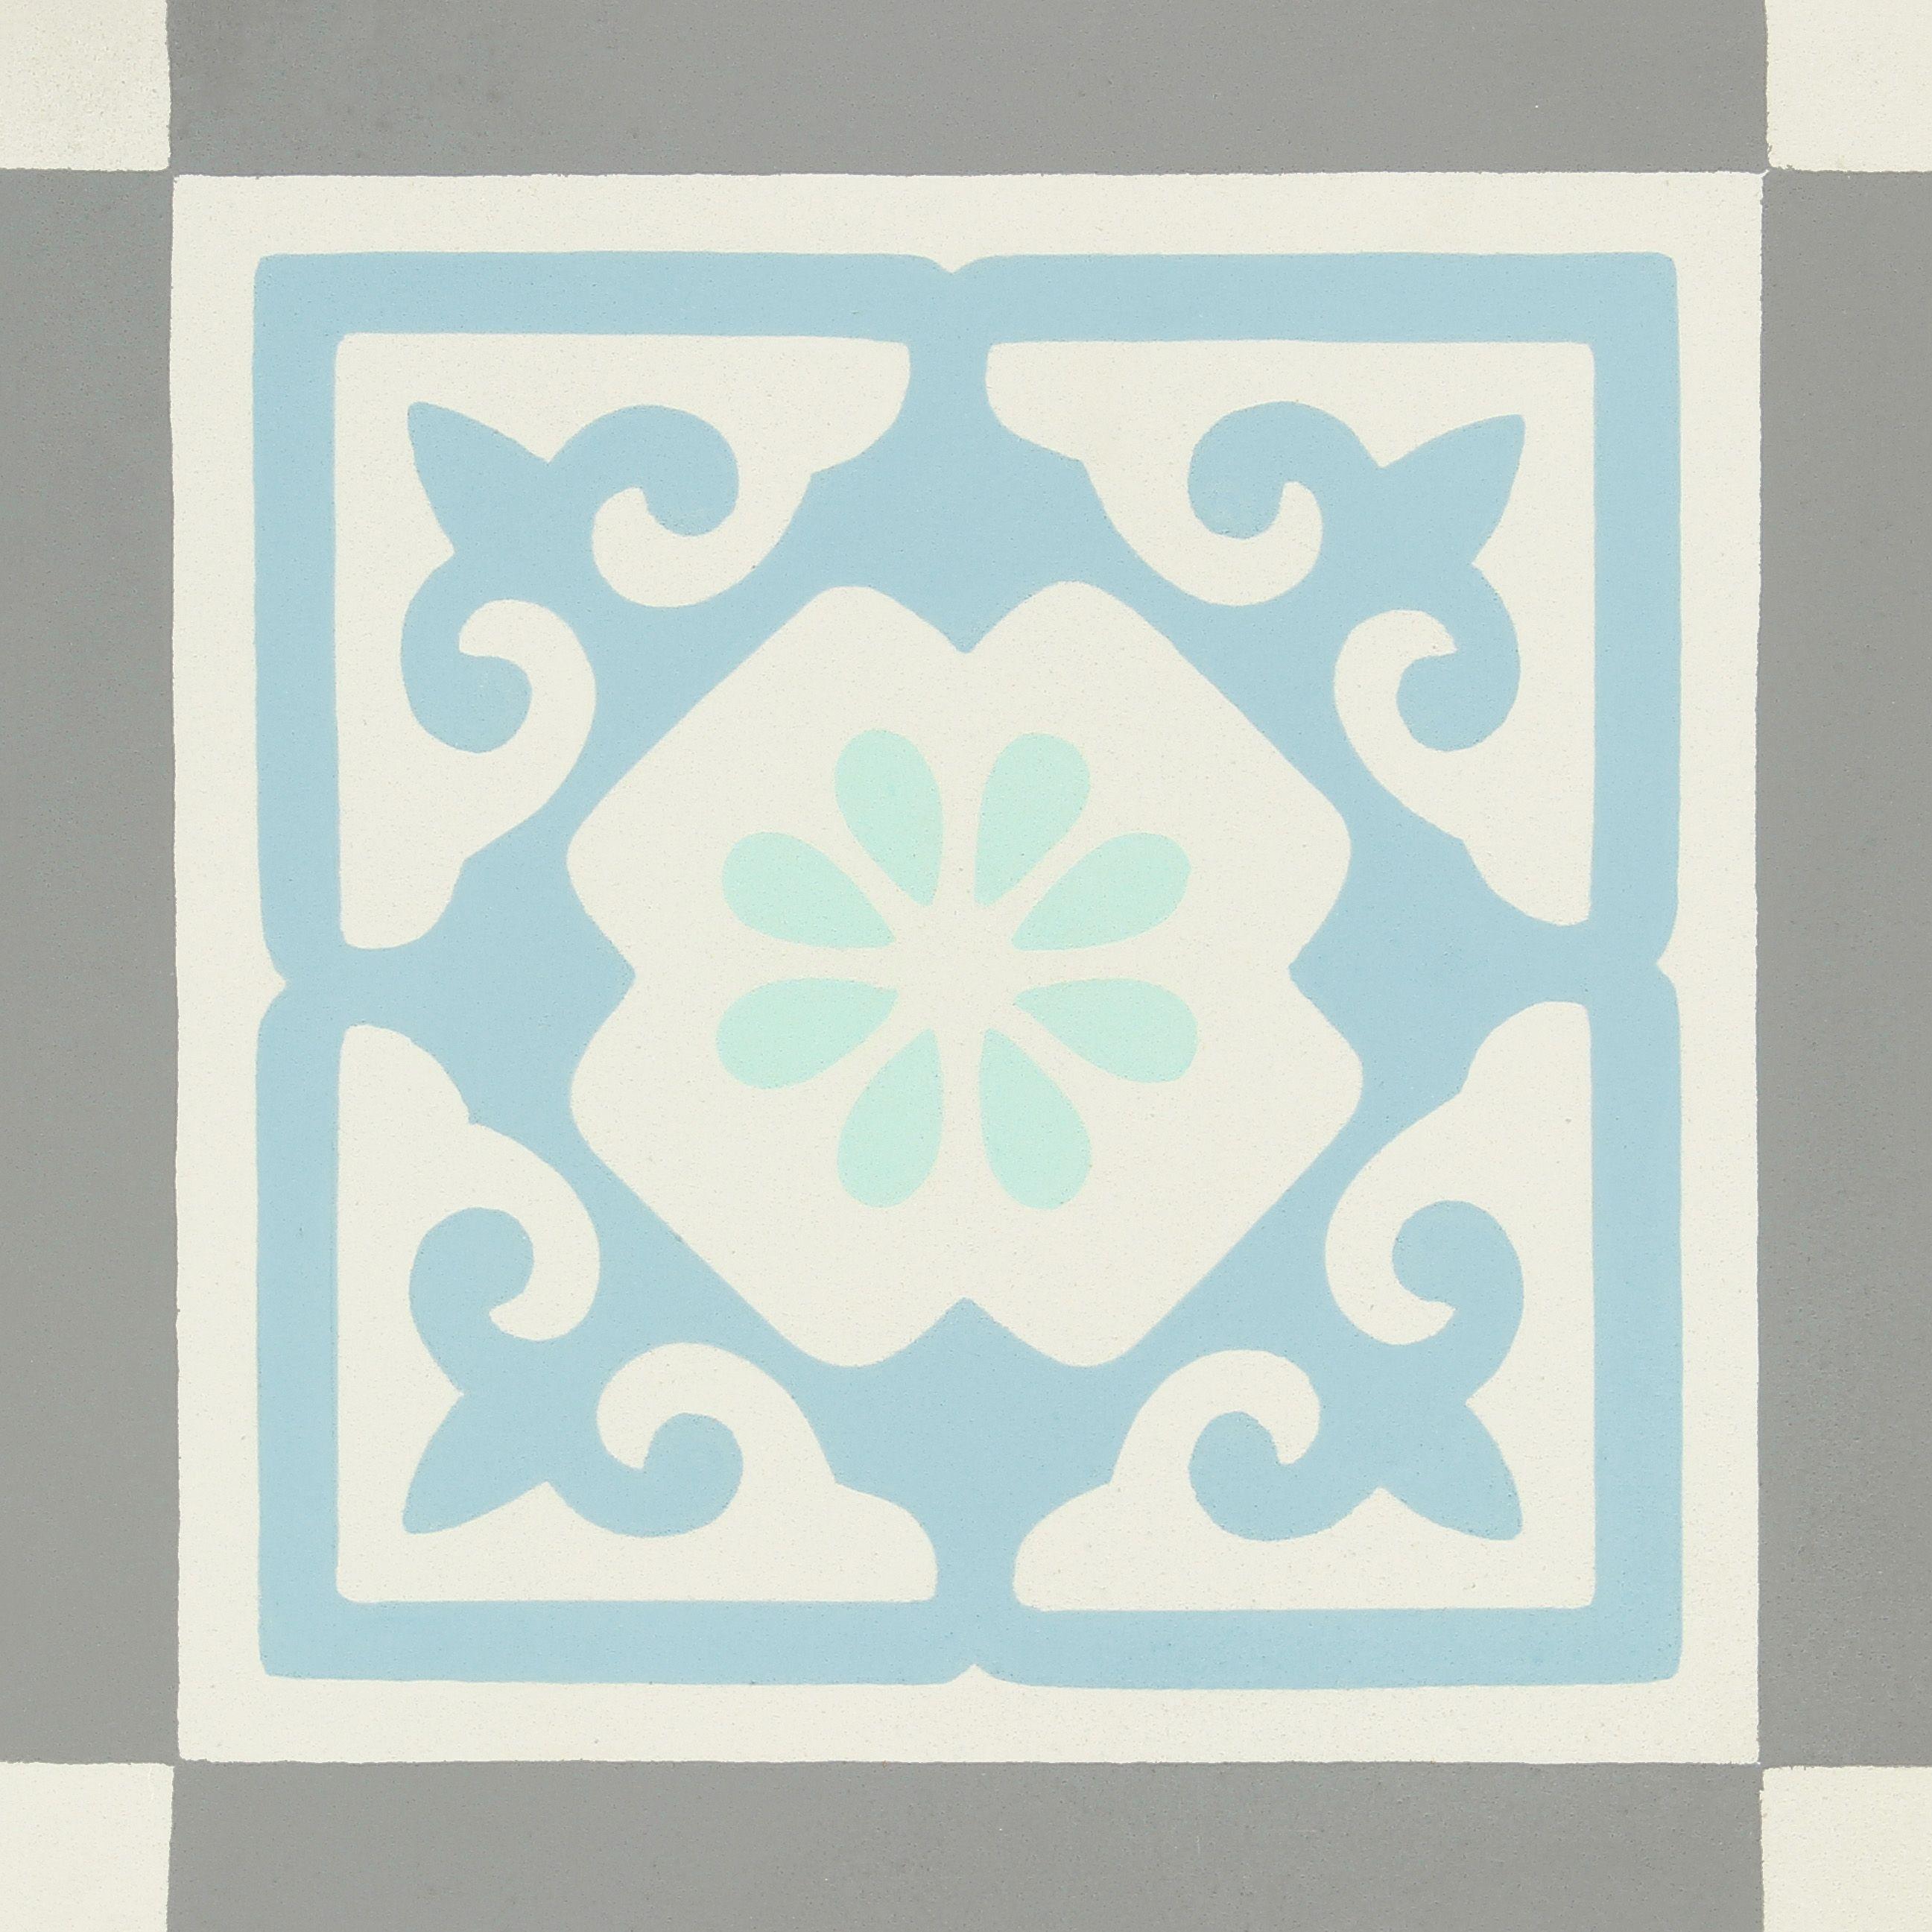 Carreau De Ciment Belle Epoque Decor Gris Bleu Vert Et Blanc L 20xl 20cm Leroymerlin Carreauxdeciment C Carreaux De Ciment Mural Carreau De Ciment Ciment